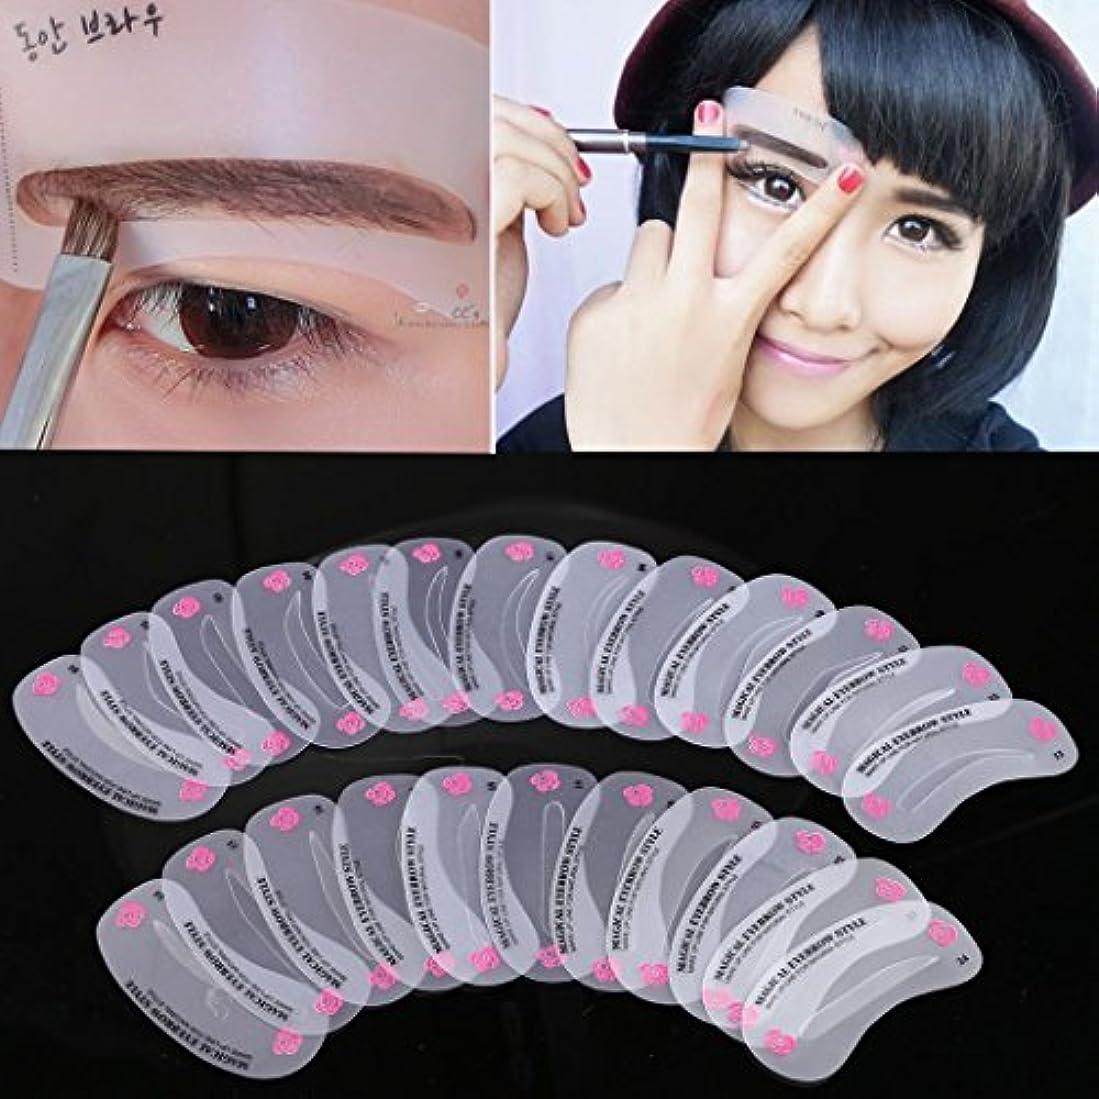 社説直接レビュアー24種類の眉毛のスタイルは、グルーミングステンシルを設定するメイクアップシェイプキット眉毛